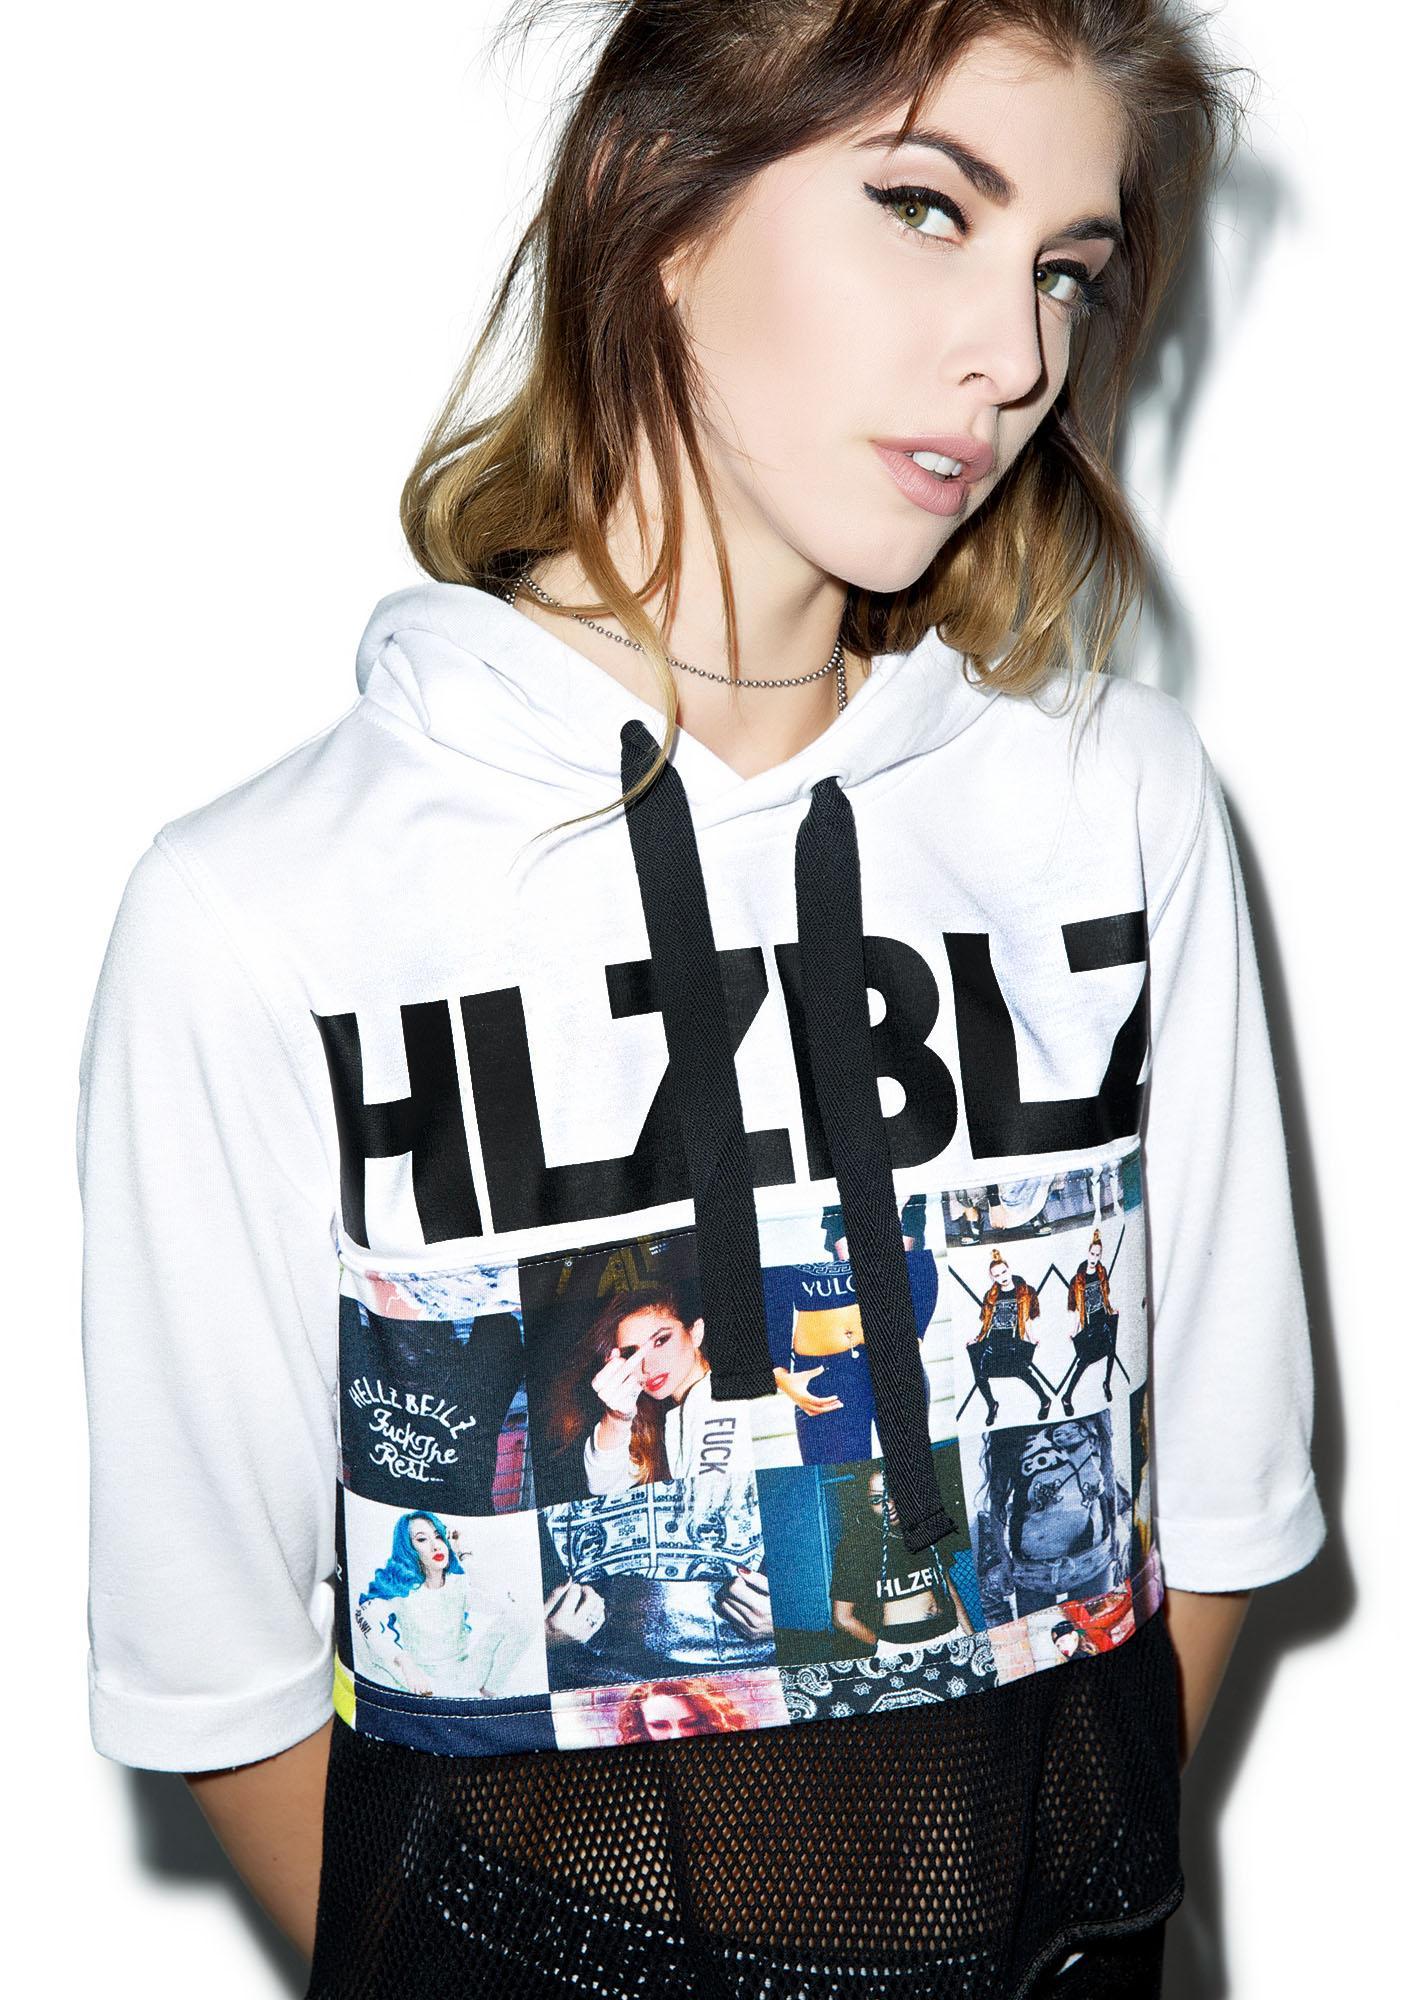 HLZBLZ #BadBitches Hooded Crop Top